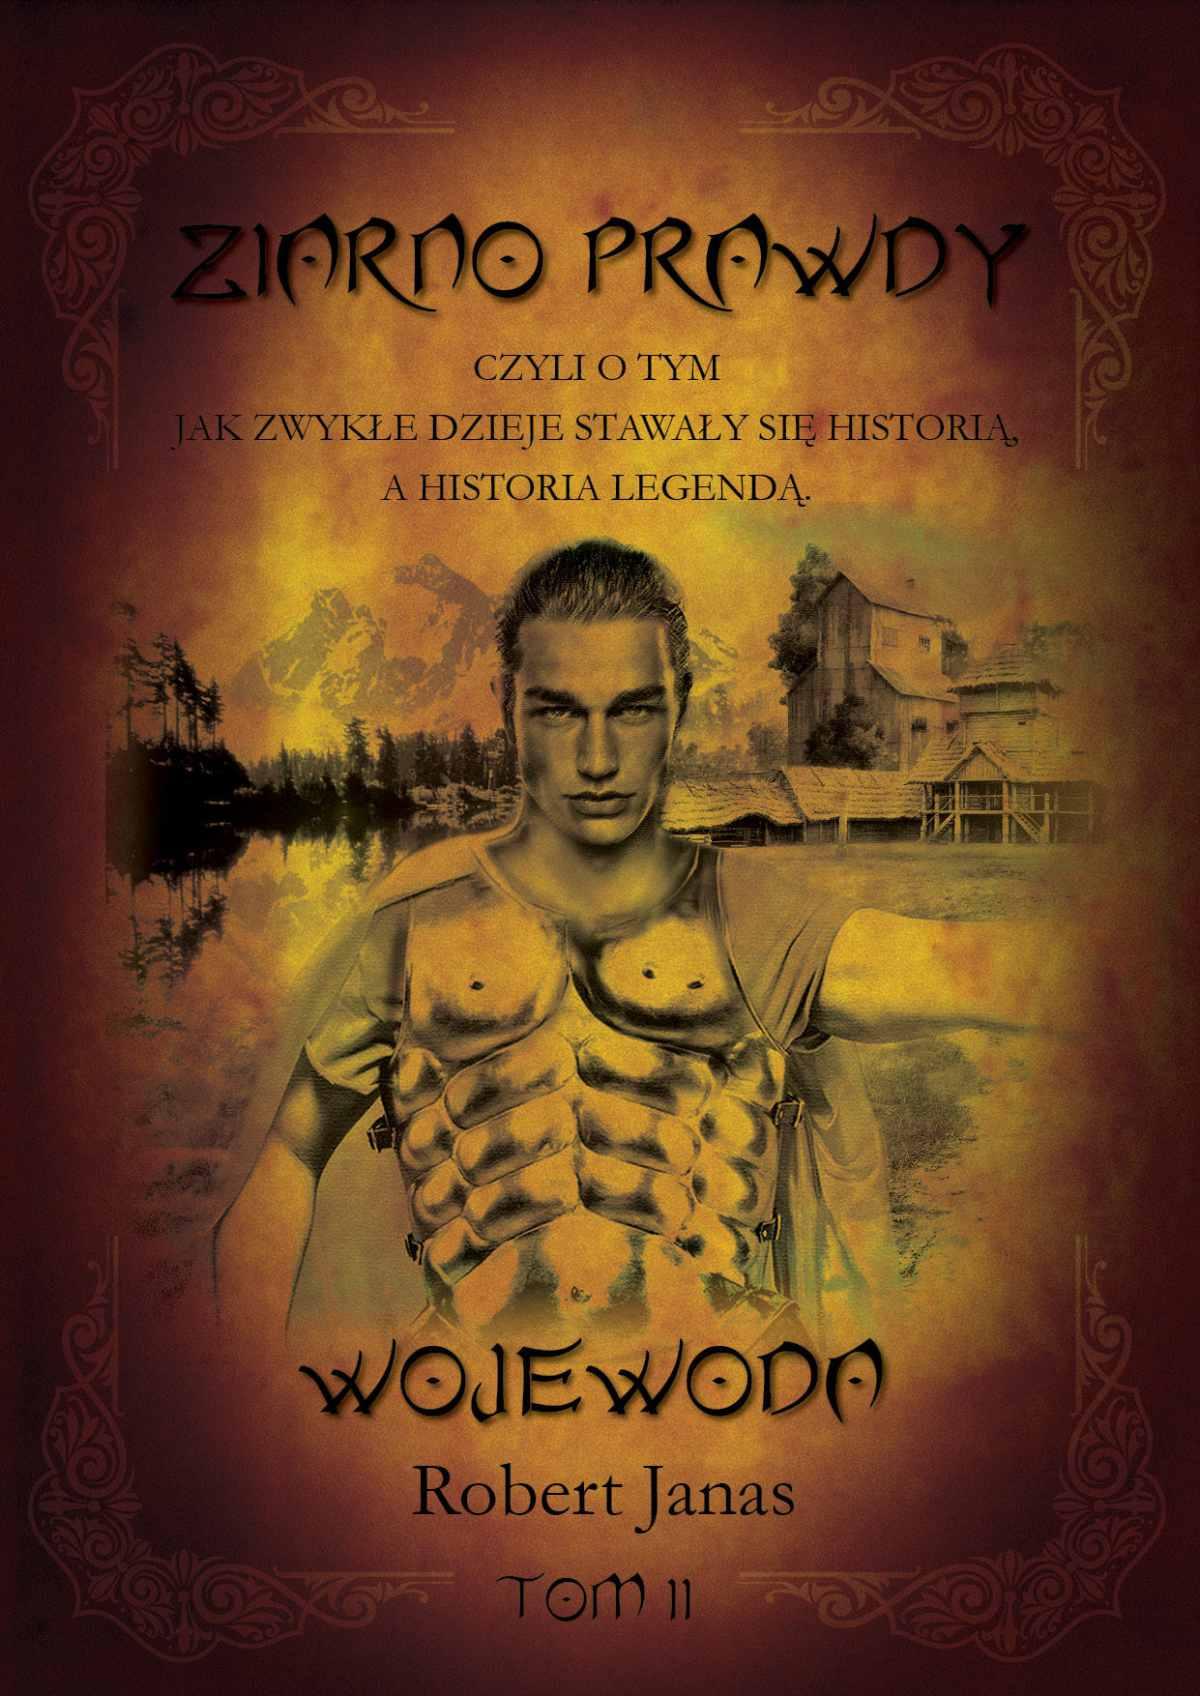 Ziarno prawdy. Tom II Wojewoda - Ebook (Książka PDF) do pobrania w formacie PDF